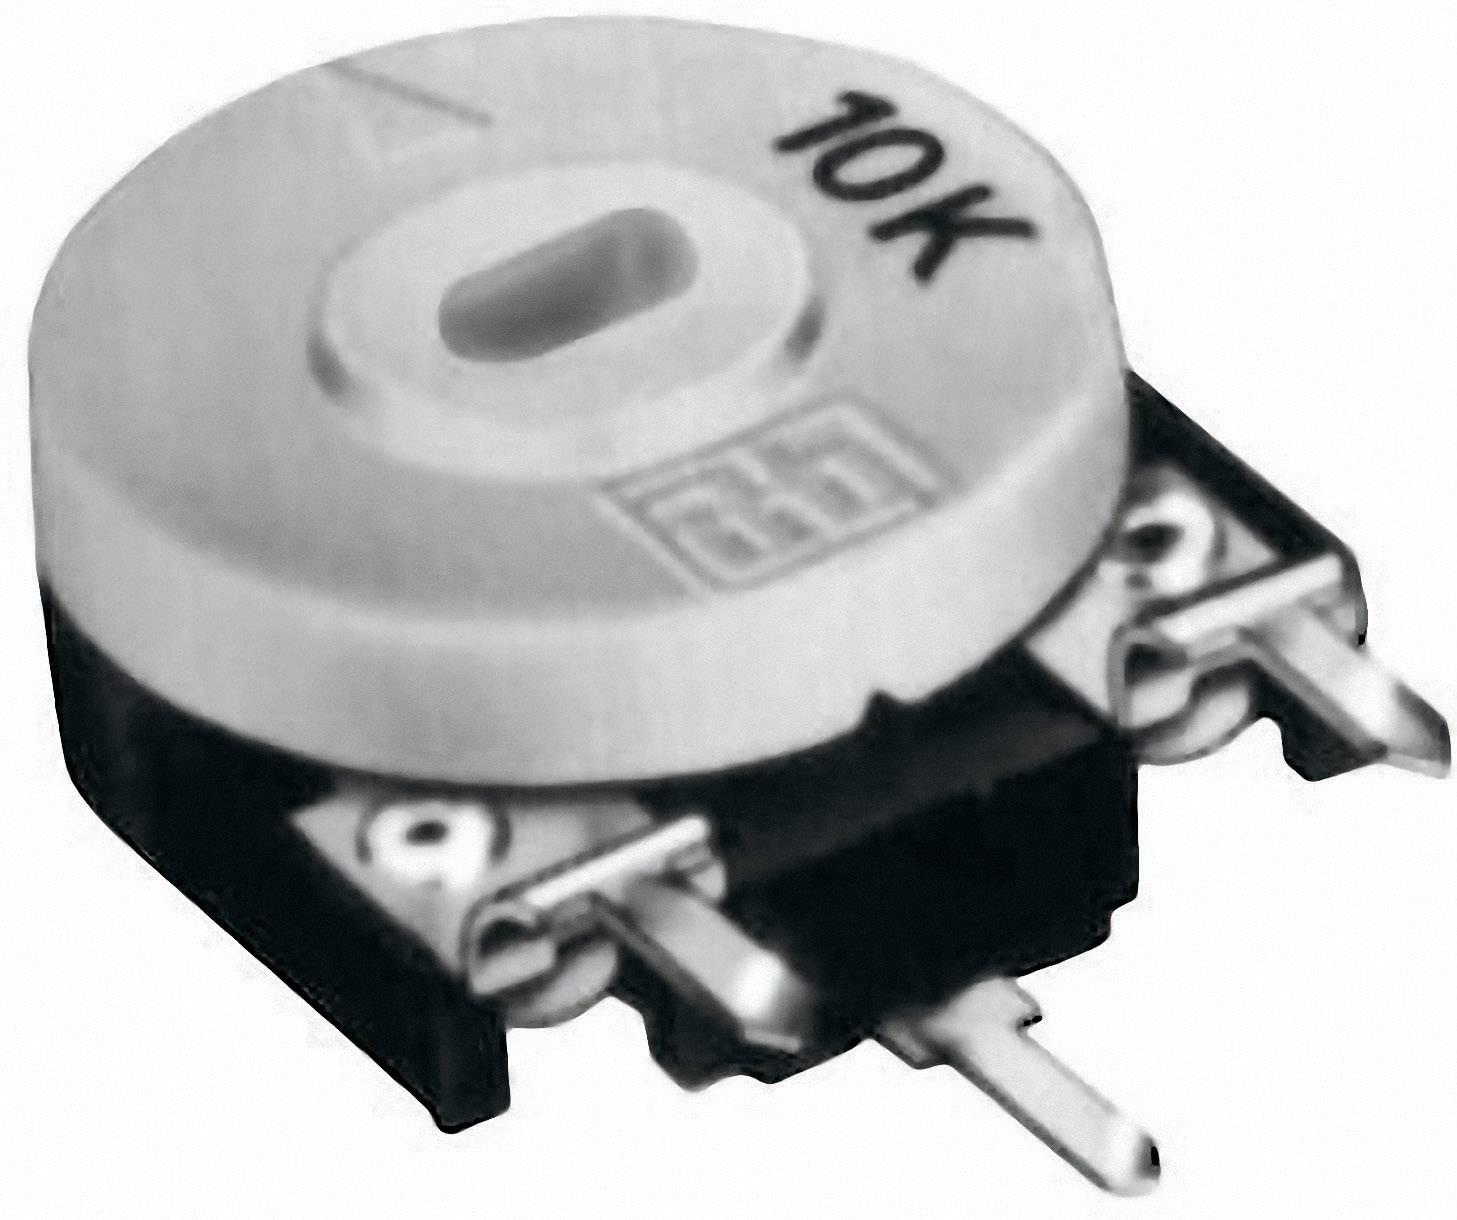 Uhlíkový trimer TT Electronics AB 21552005, lineárny, 4.7 kOhm, 0.15 W, 1 ks